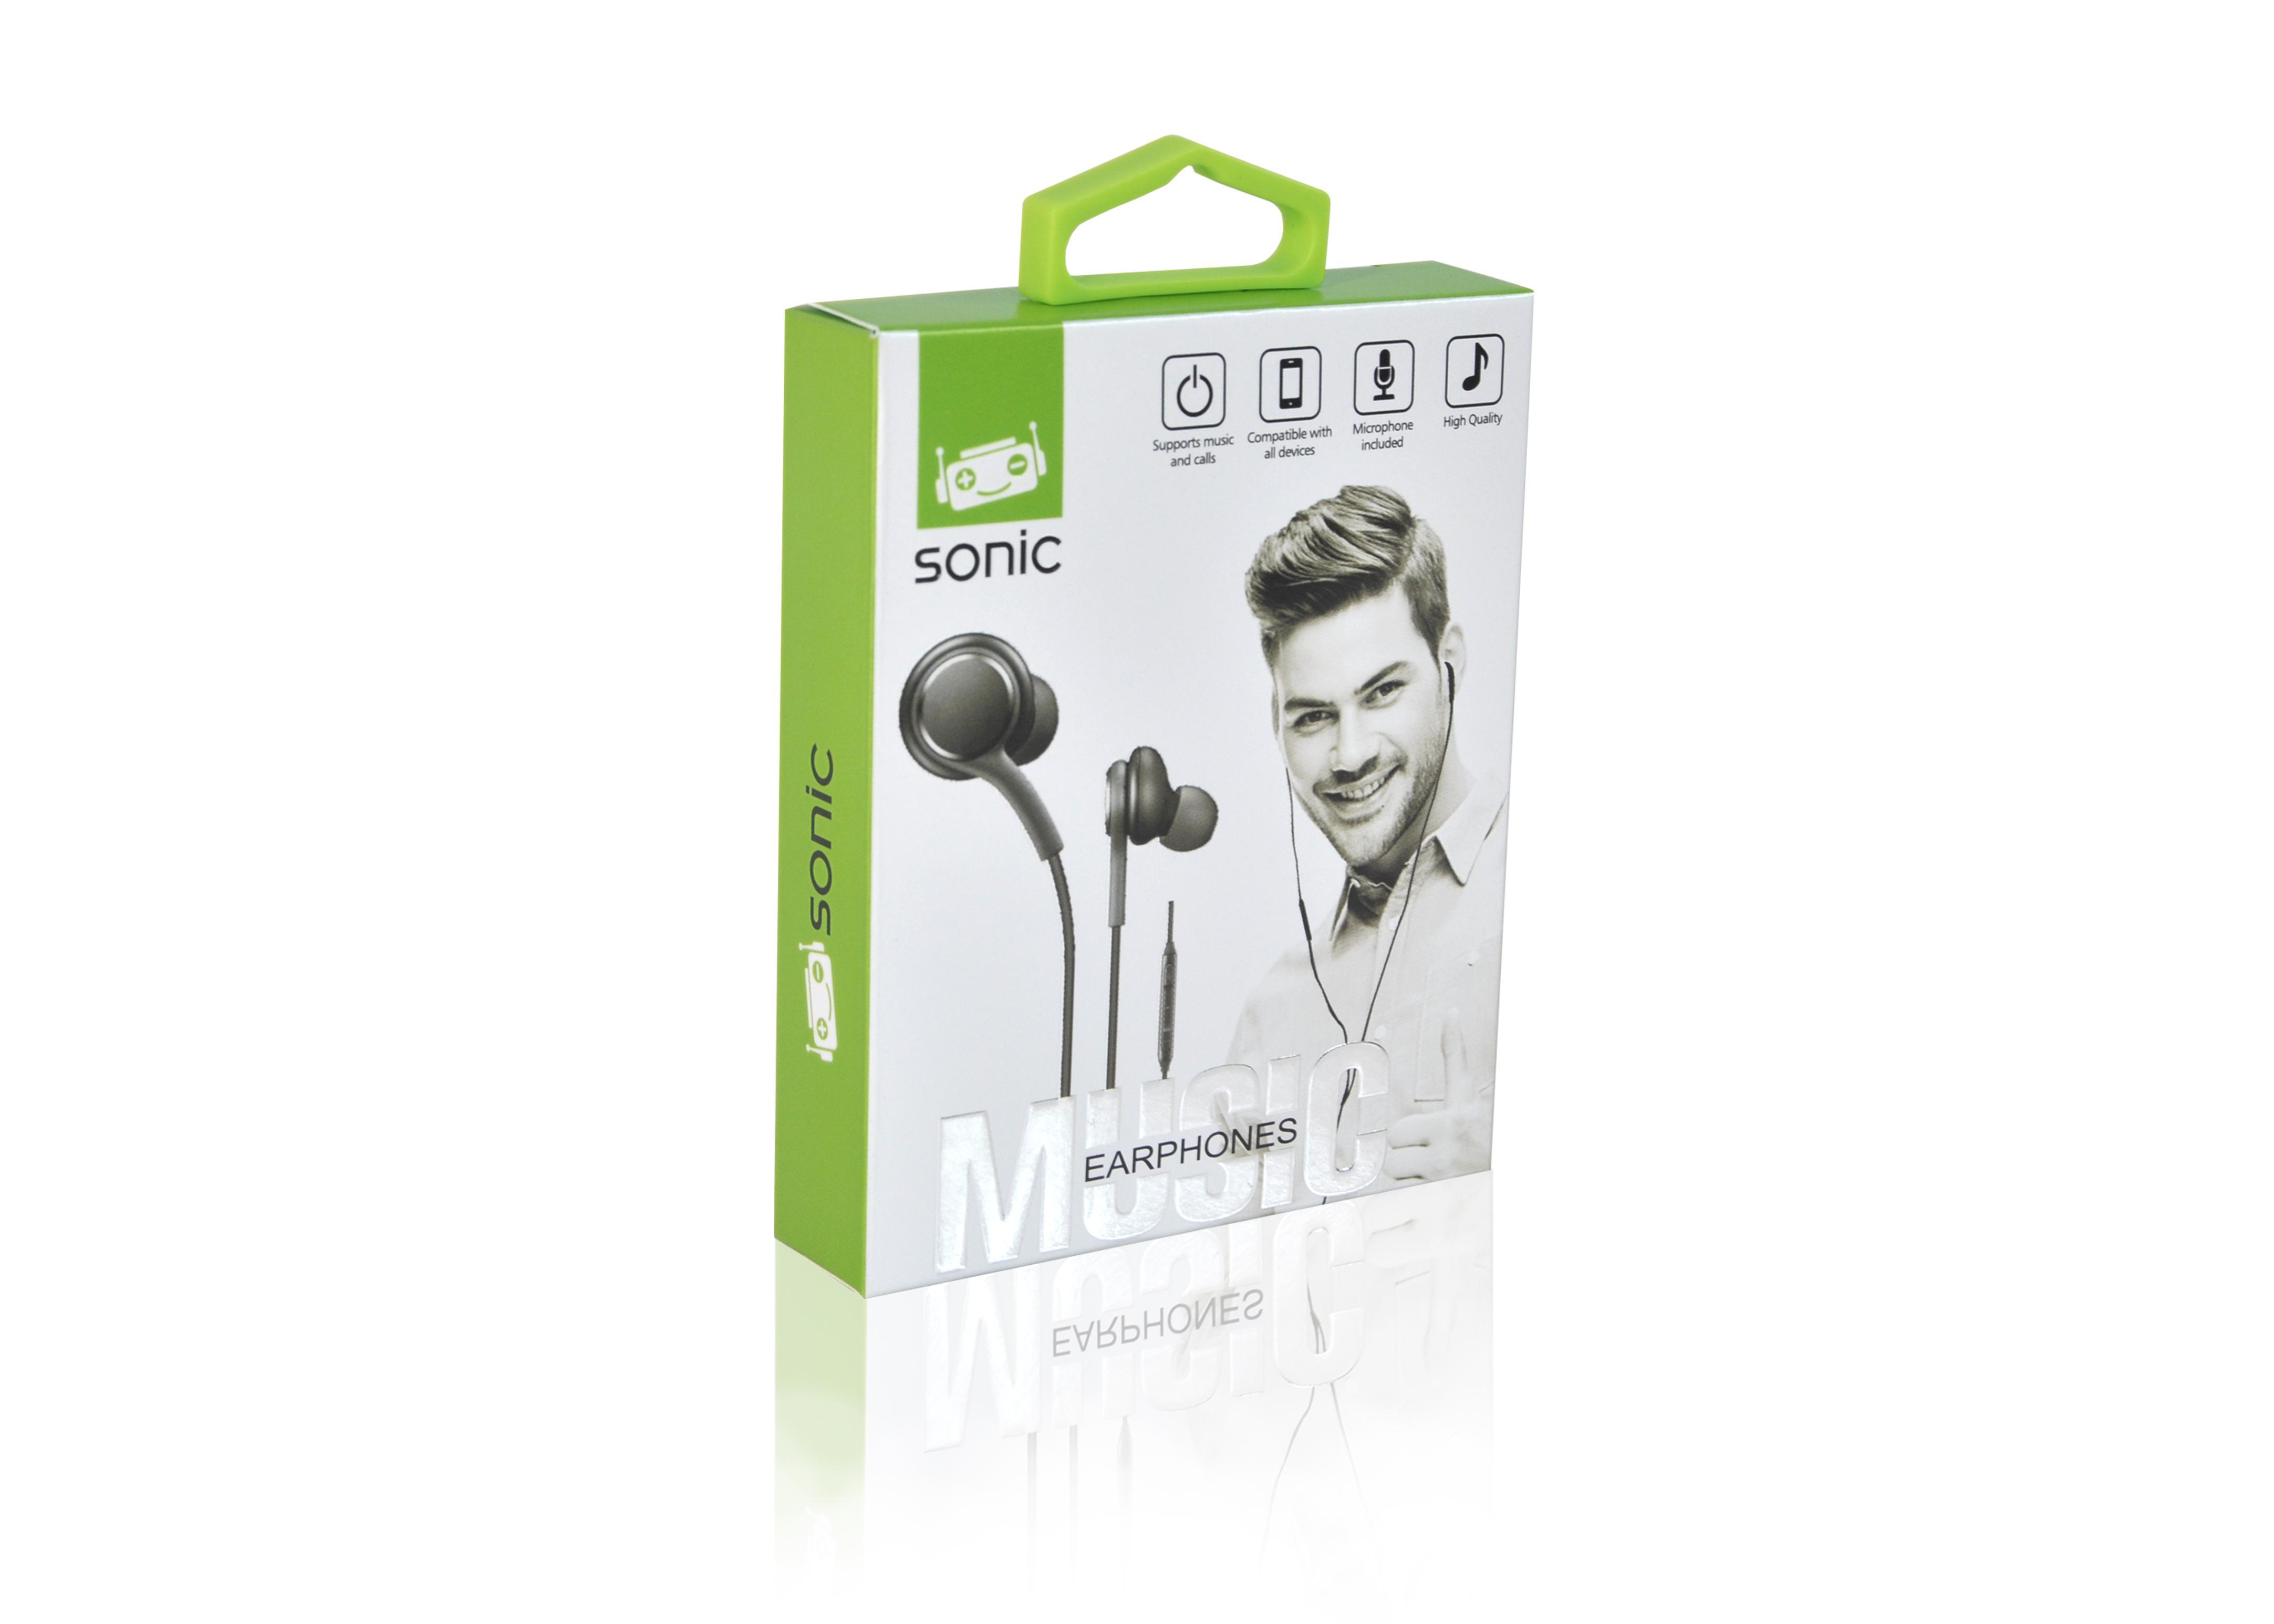 אוזניות SONIC Silicon edition חוט של חברת SONIC עם מנגנון שליטה